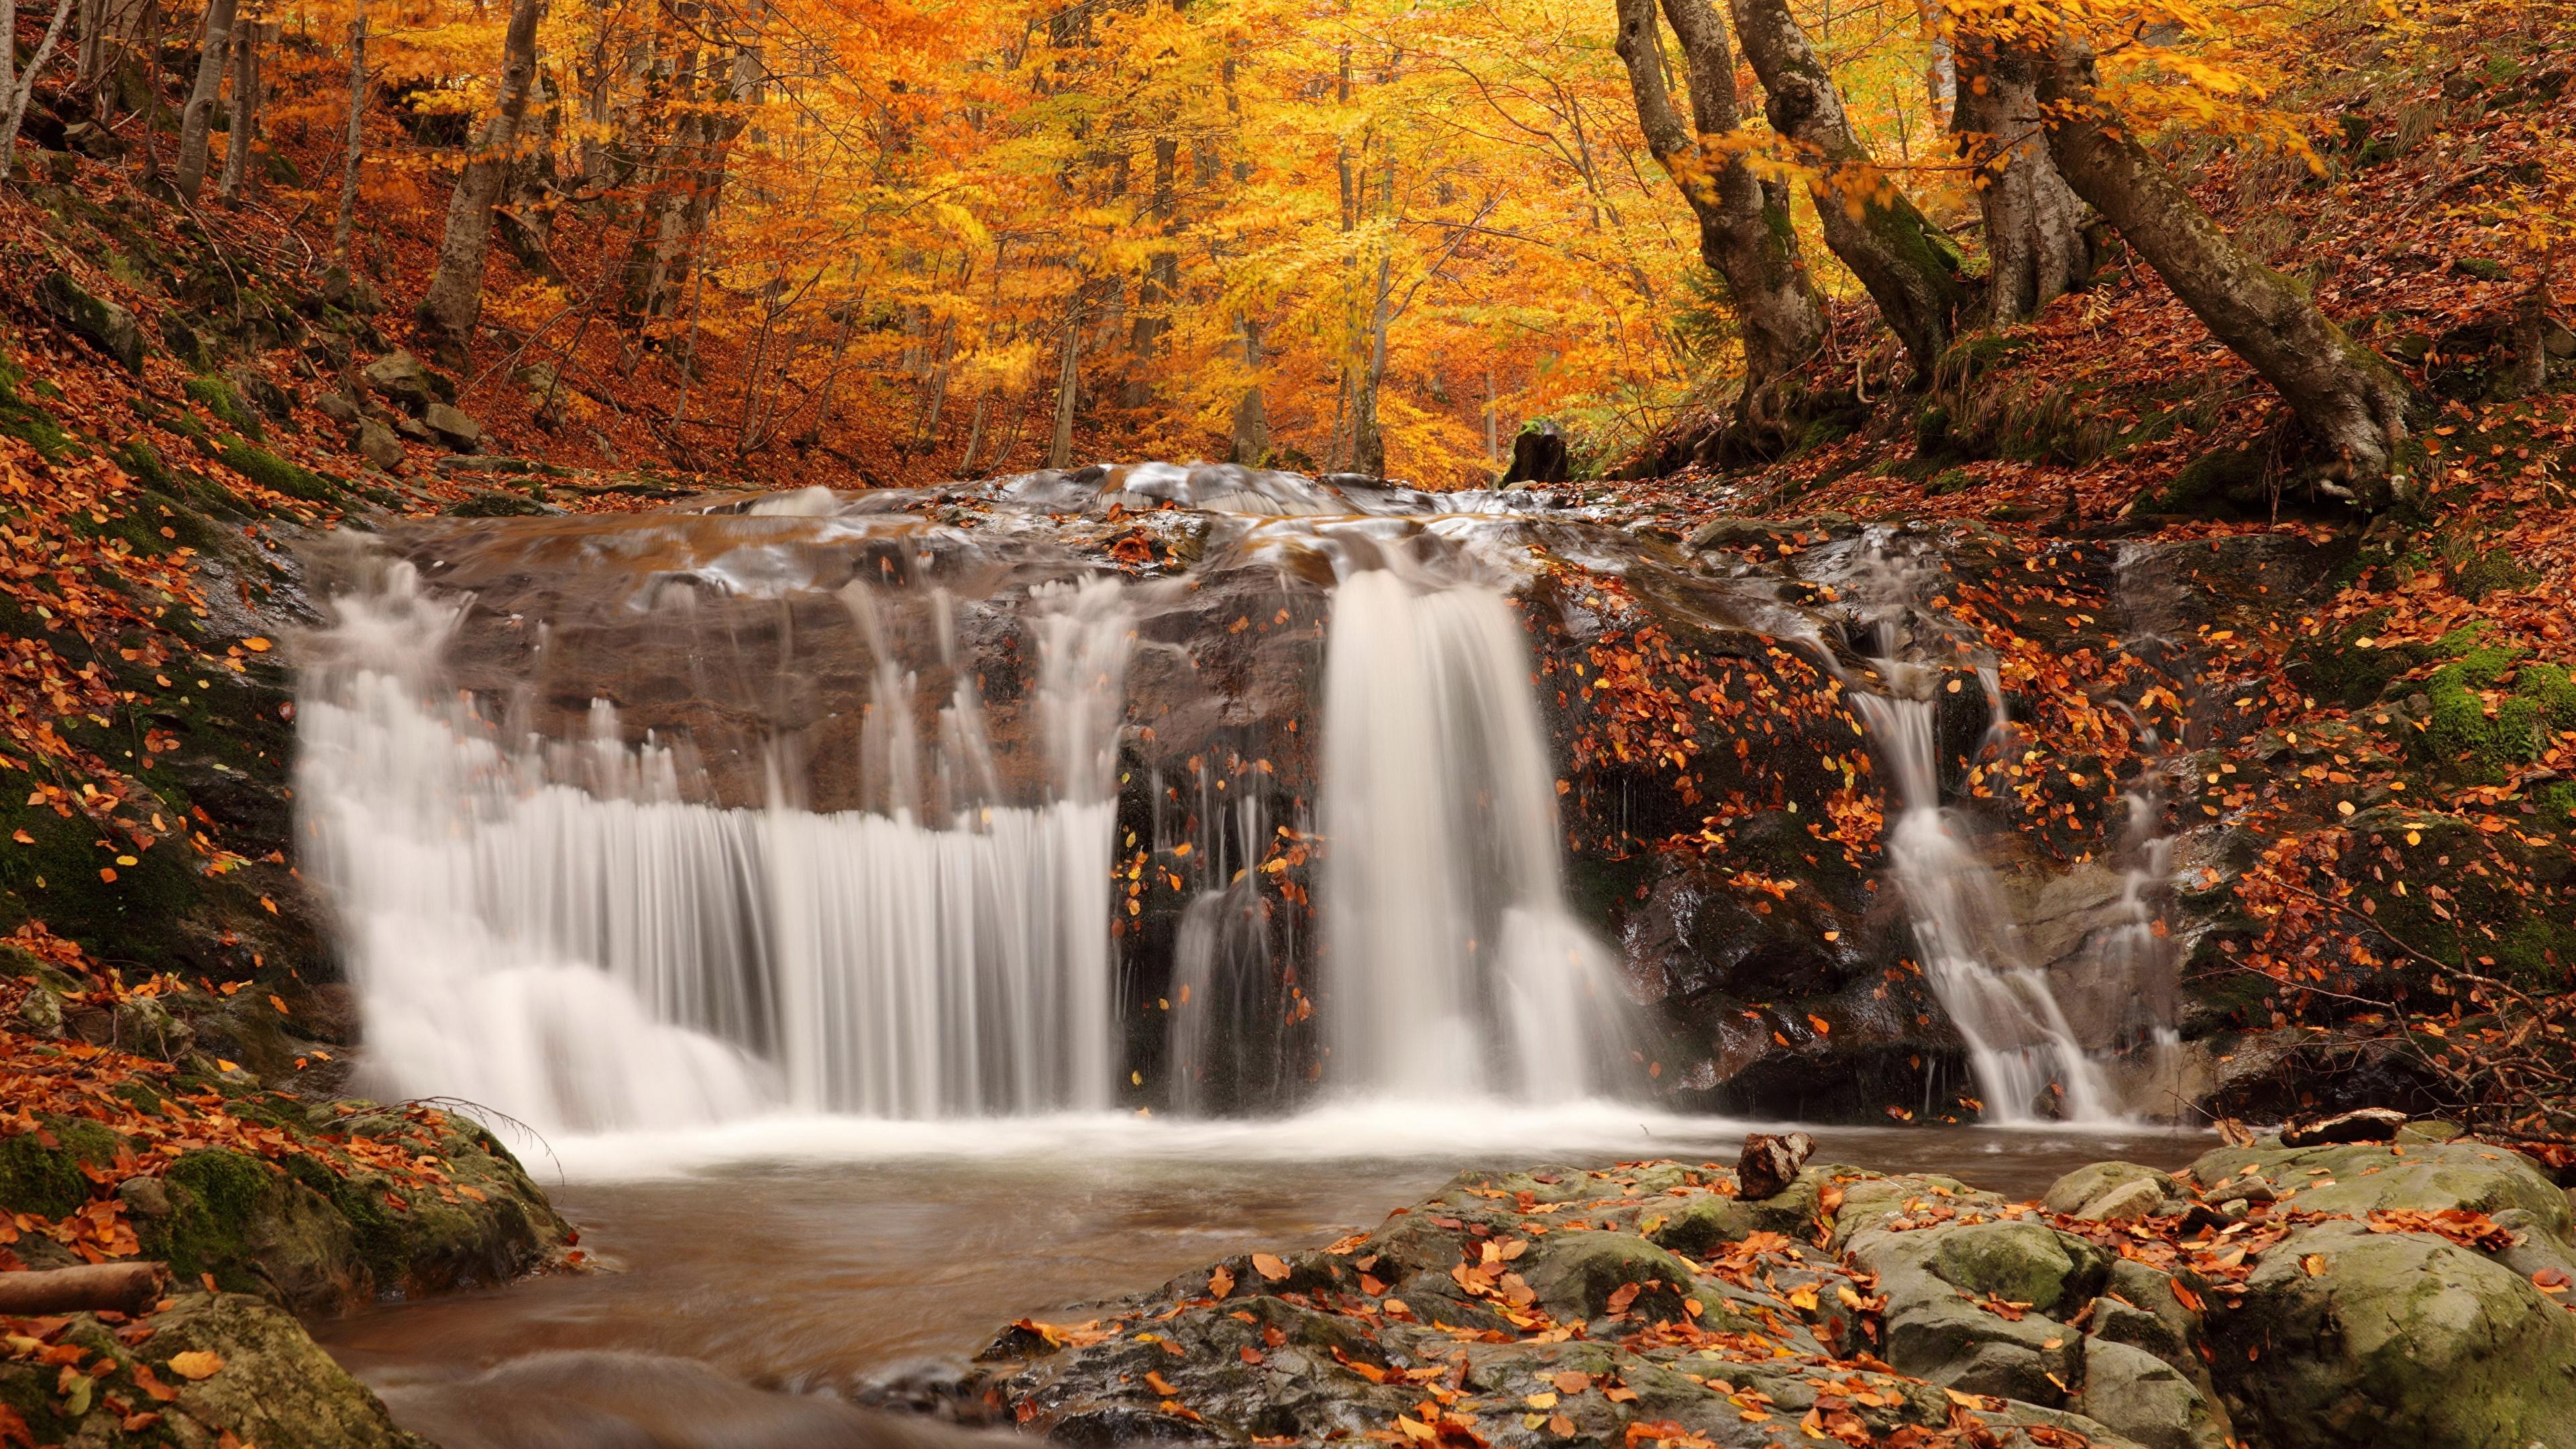 водопад лес осень онлайн